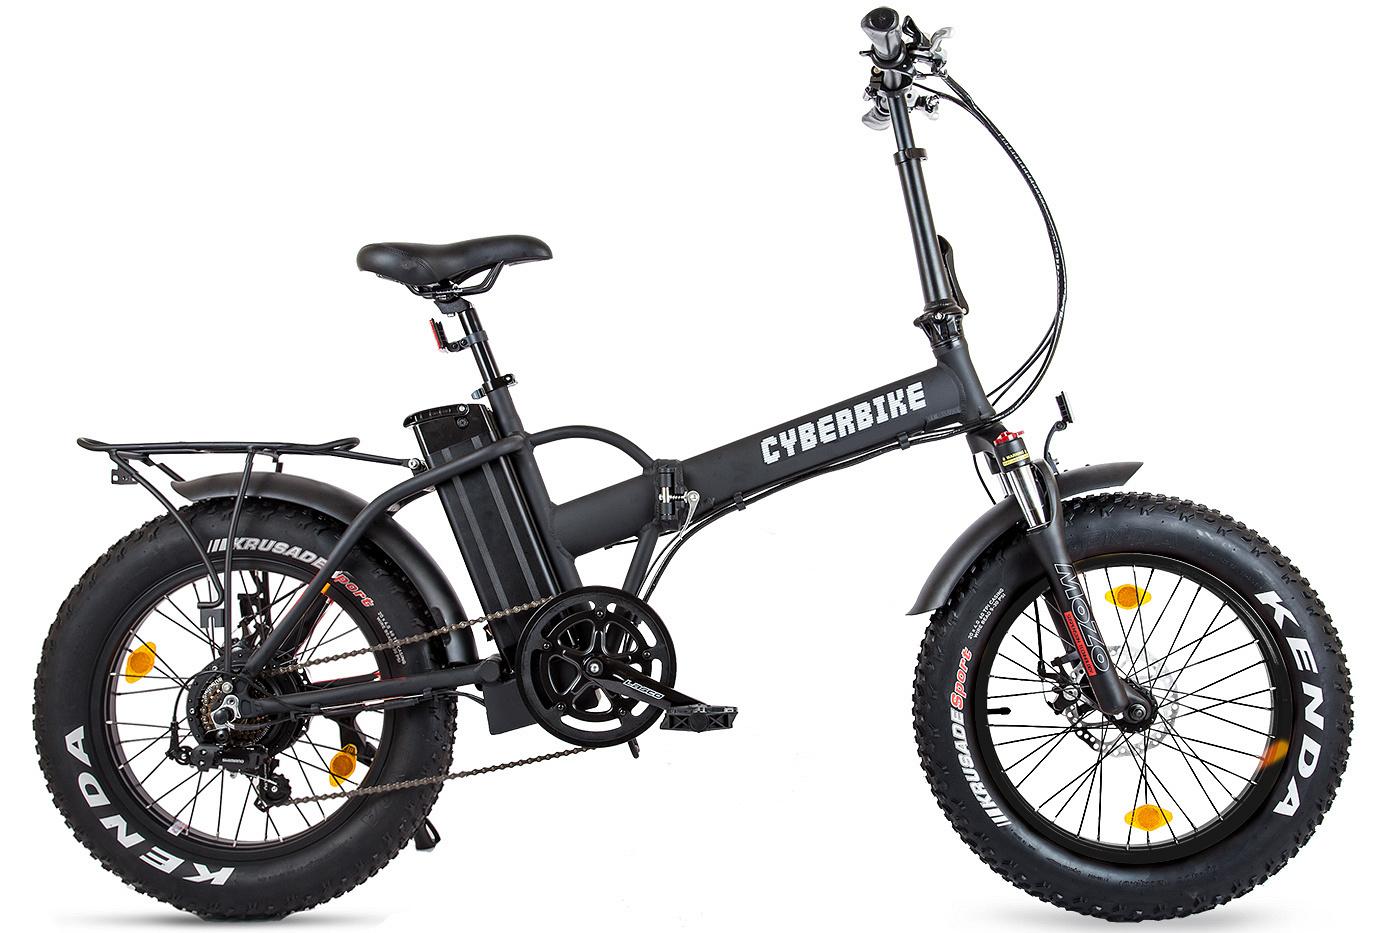 цена на Eltreco Электровелосипед Eltreco Cyberbike 500 W